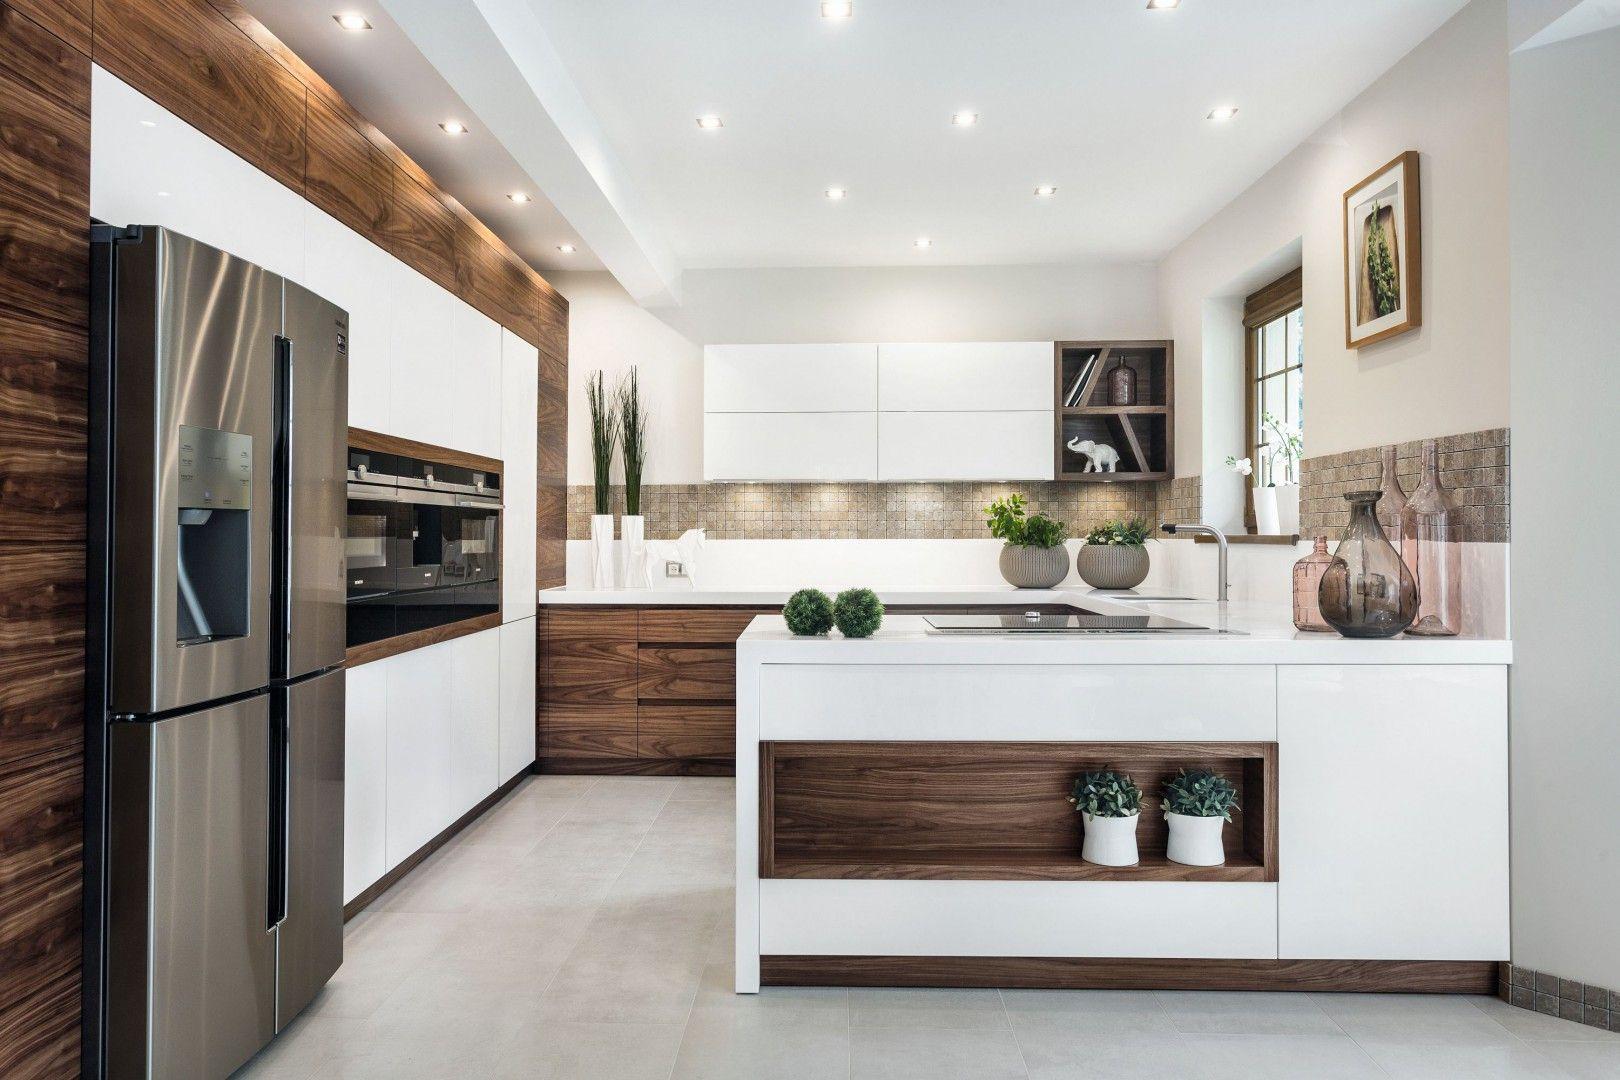 Kuchnia Z Drewnem 20 Pieknych Zdjec Modern Kitchen Design European Kitchen Design Kitchen Inspiration Design